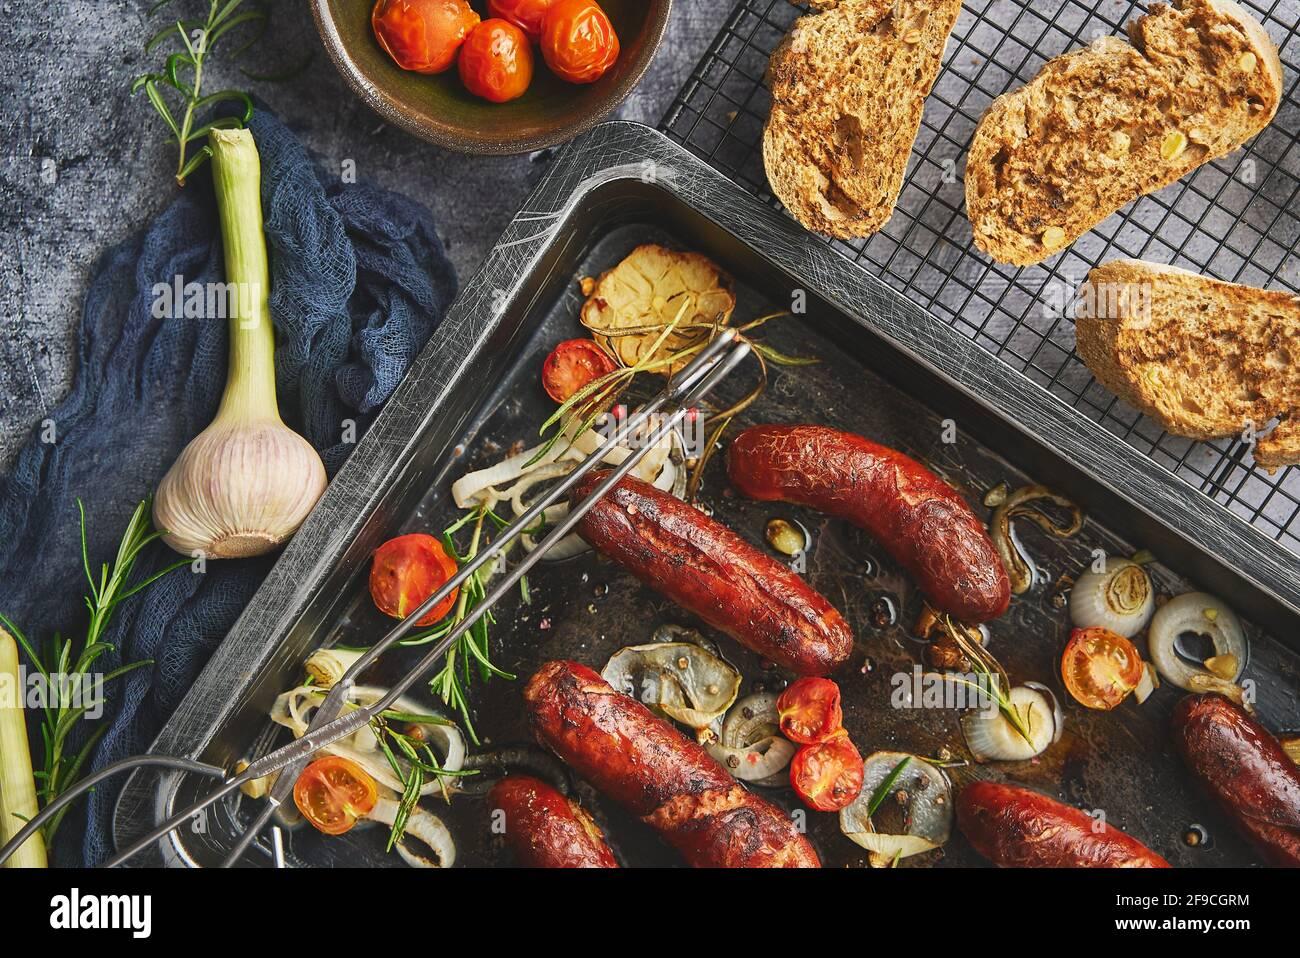 Sabrosas salchichas caseras de romero a la parrilla colocadas en una bandeja de freír de hierro sobre mesa rústica de piedra oscura Foto de stock